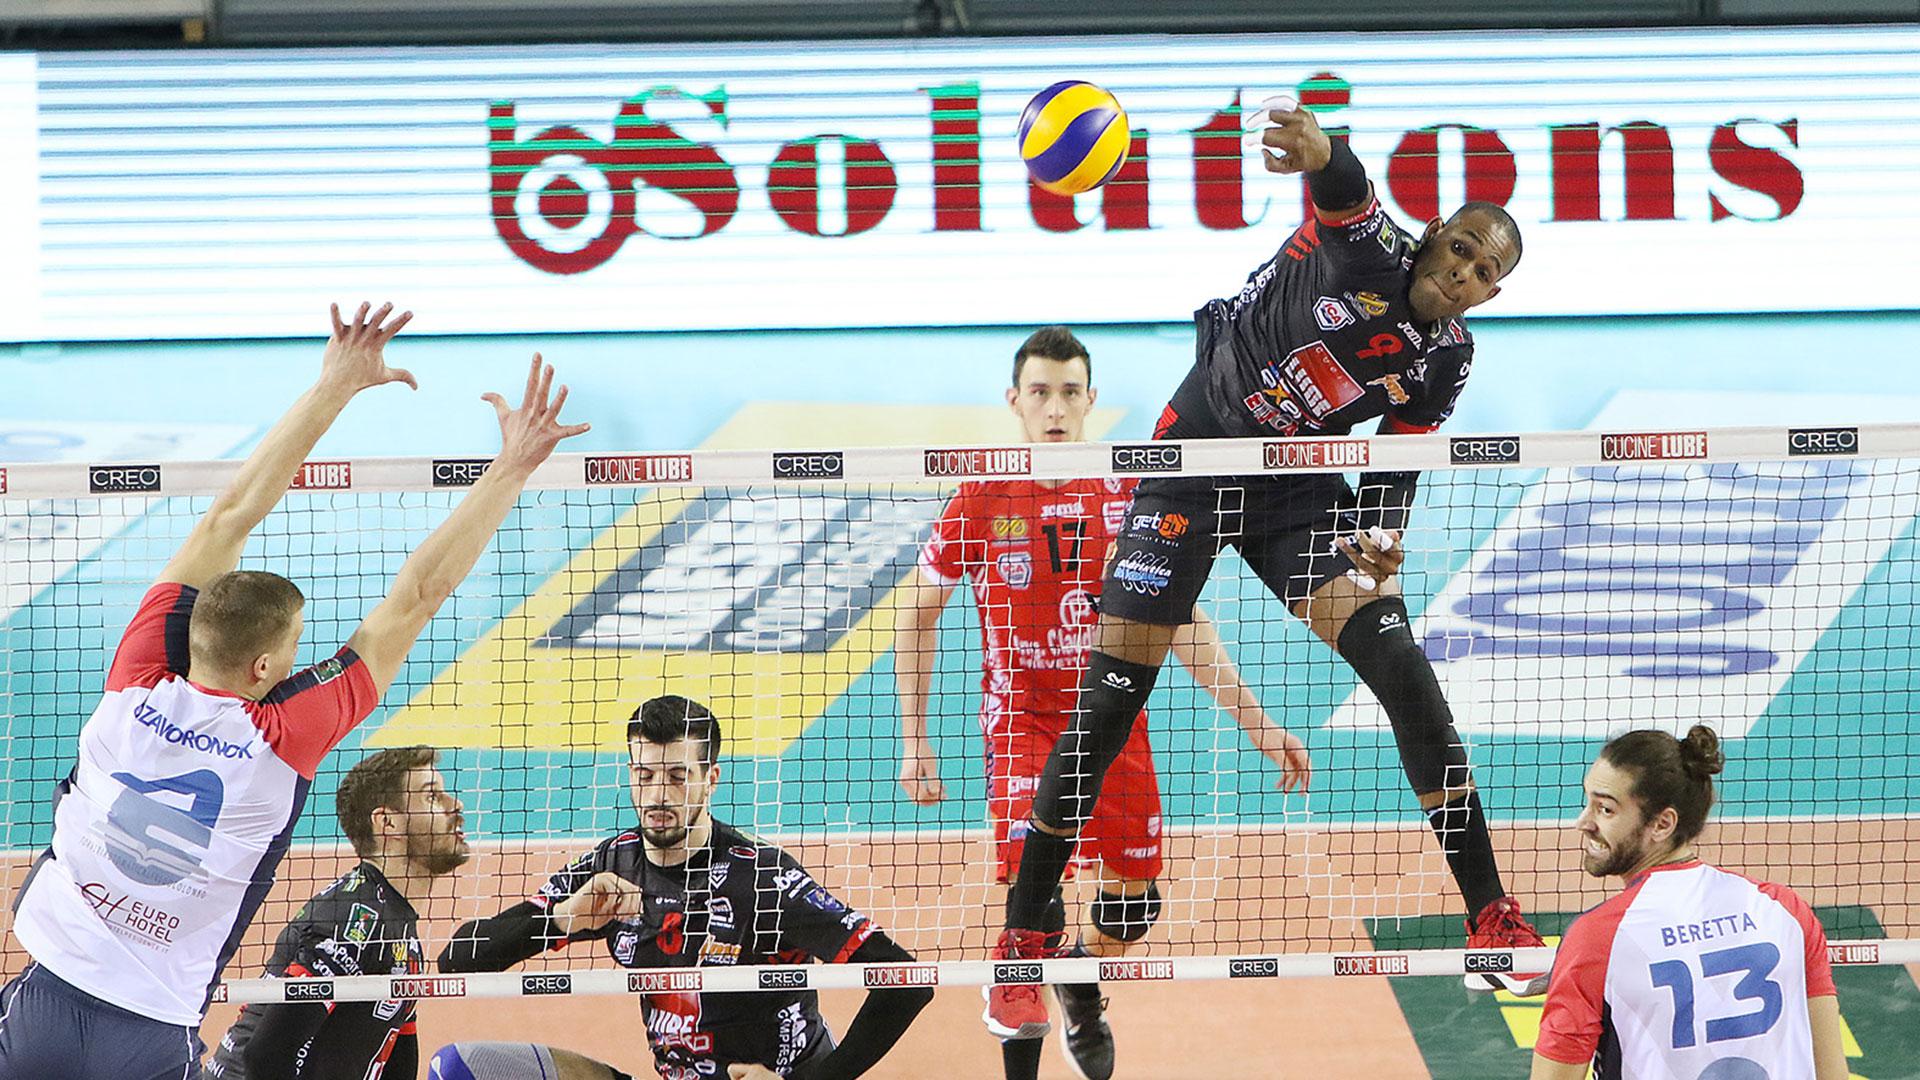 La Lube funziona bene, netto 3-0 al Vero Volley Monza